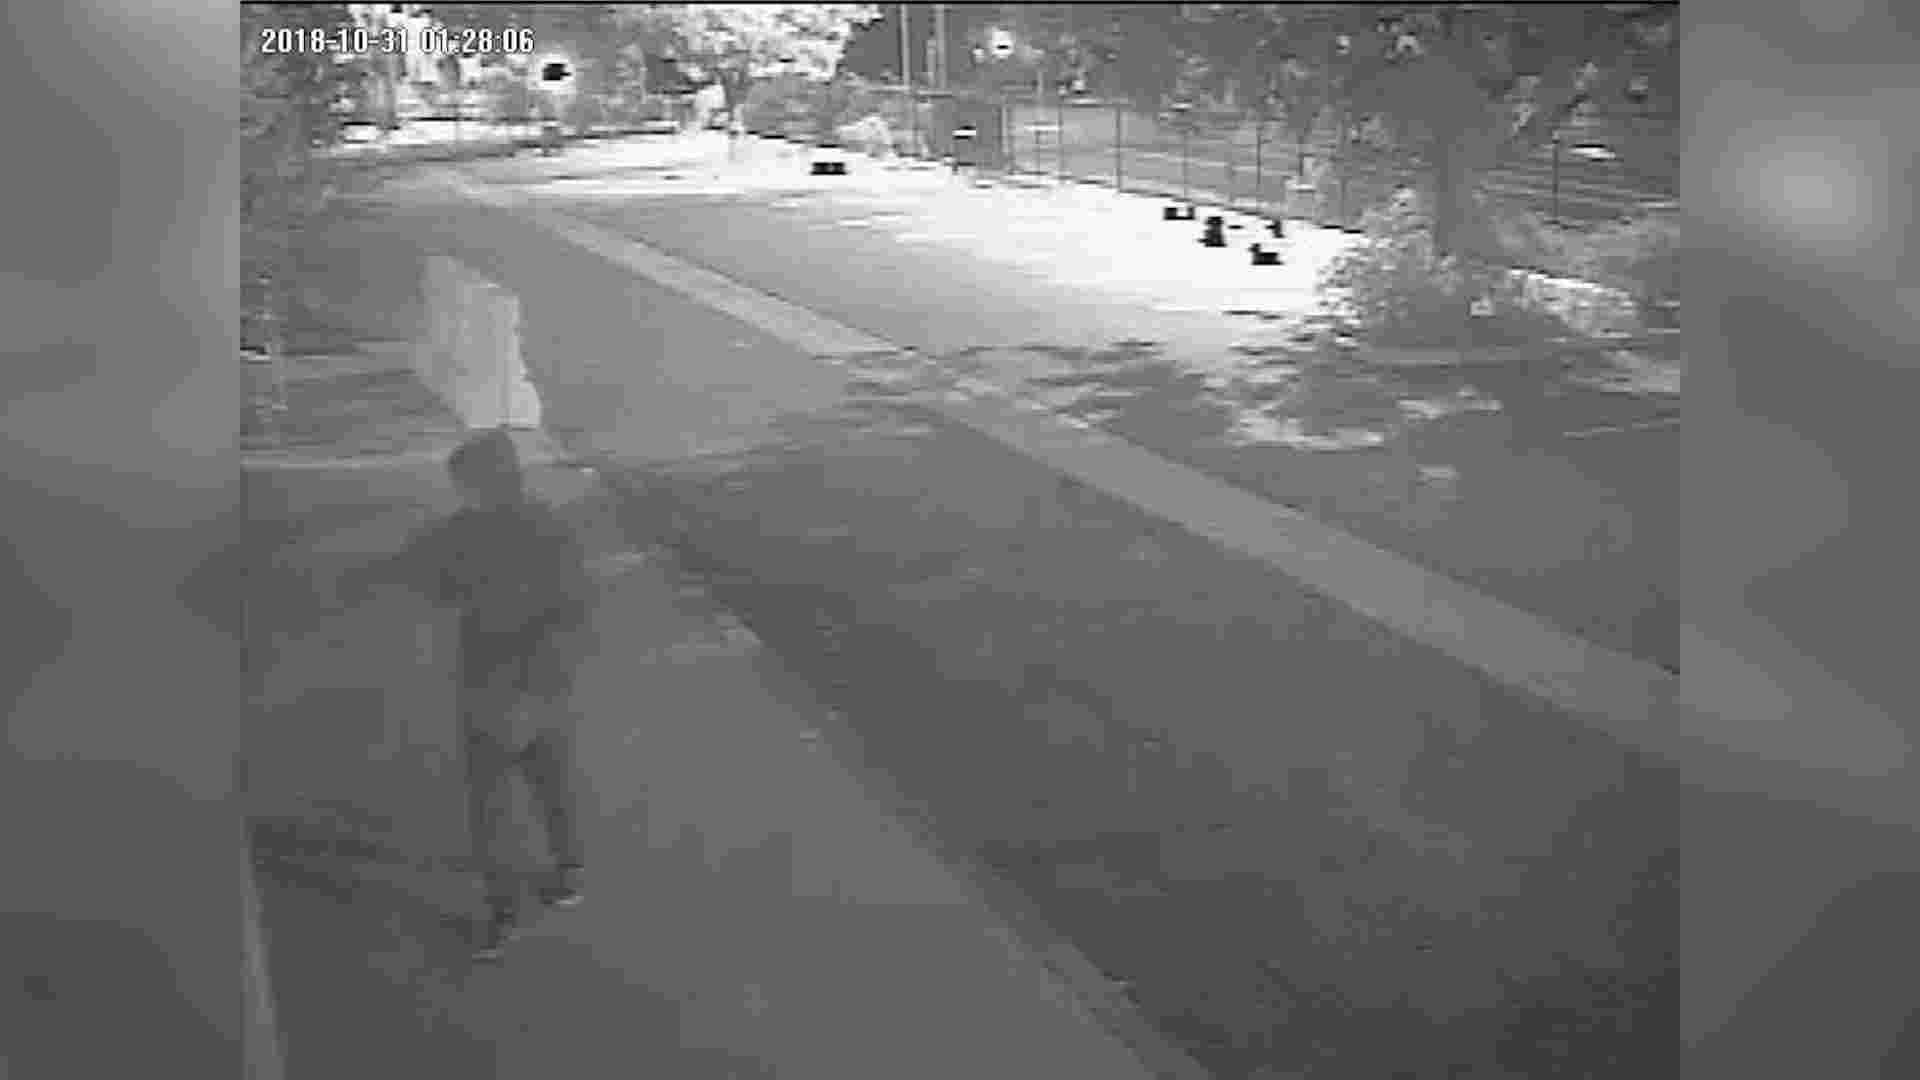 保安拍摄的片段显示,一名穿上连帽上衣、戴太阳眼镜和口罩的人向教堂外墙喷漆油。